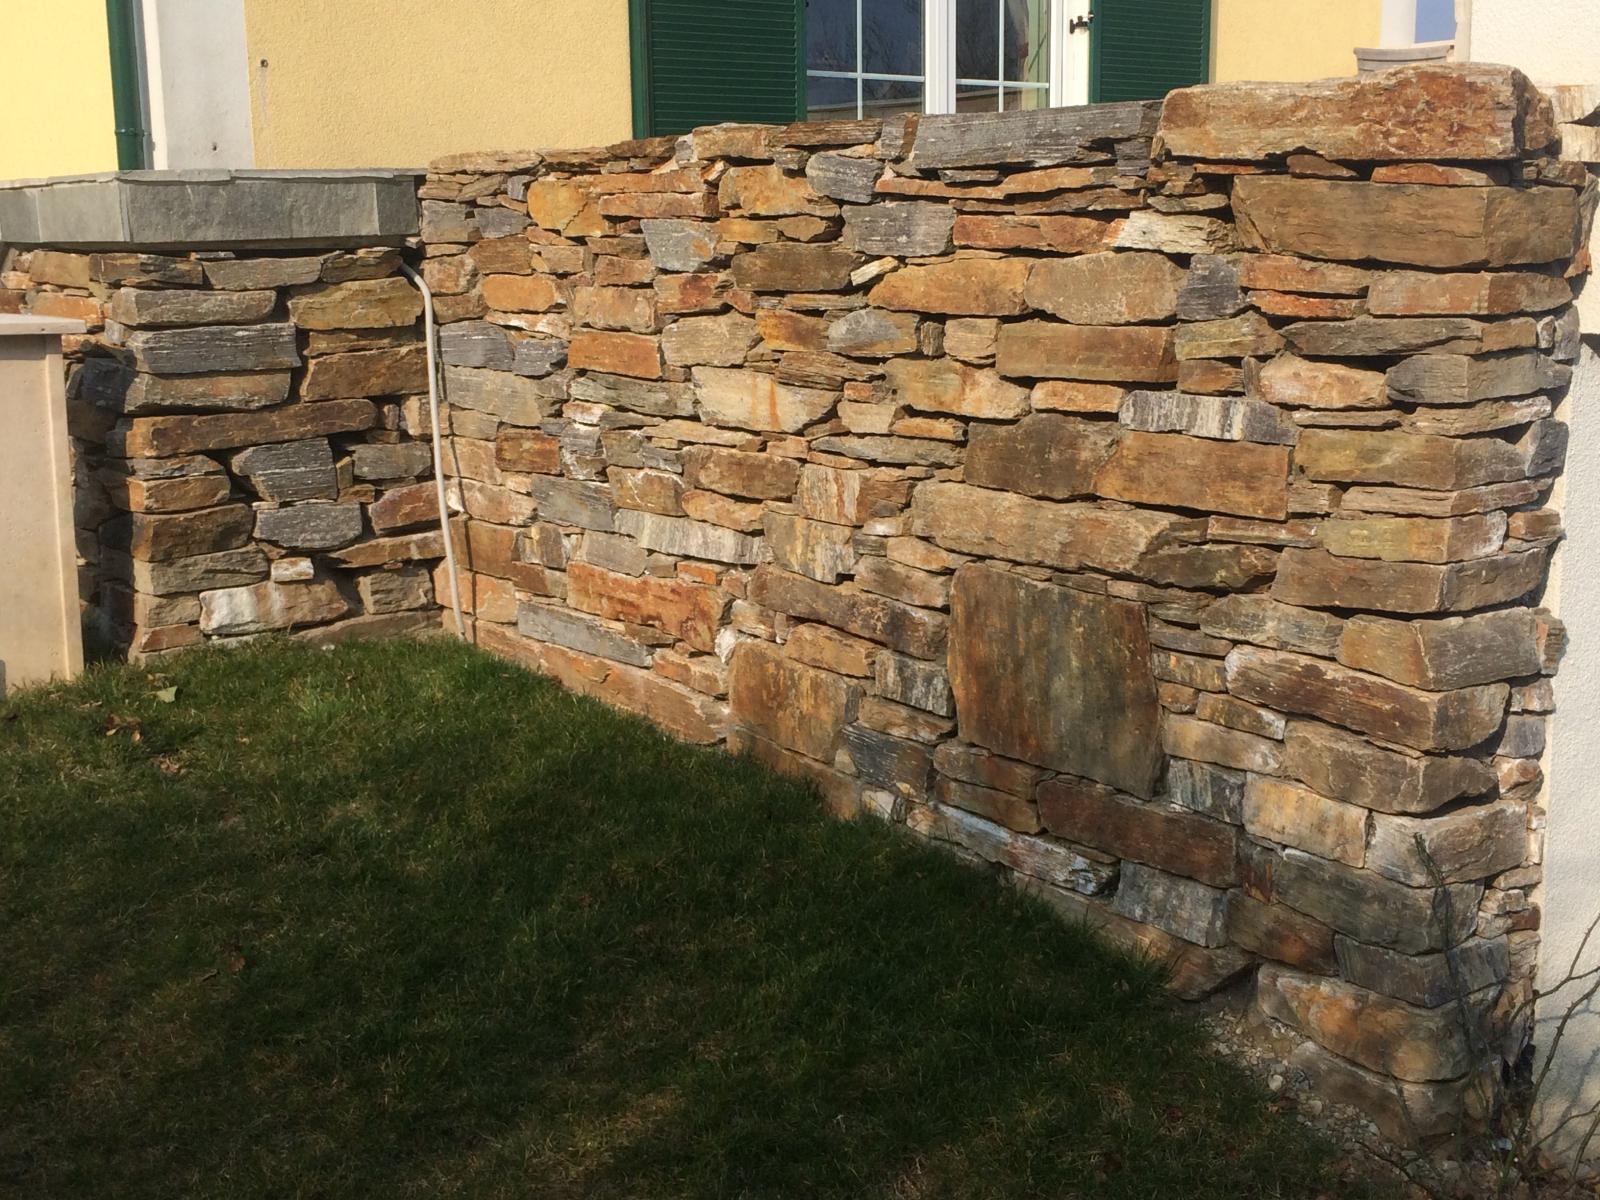 Steinmauer aus Naturstein  - pflastersteine